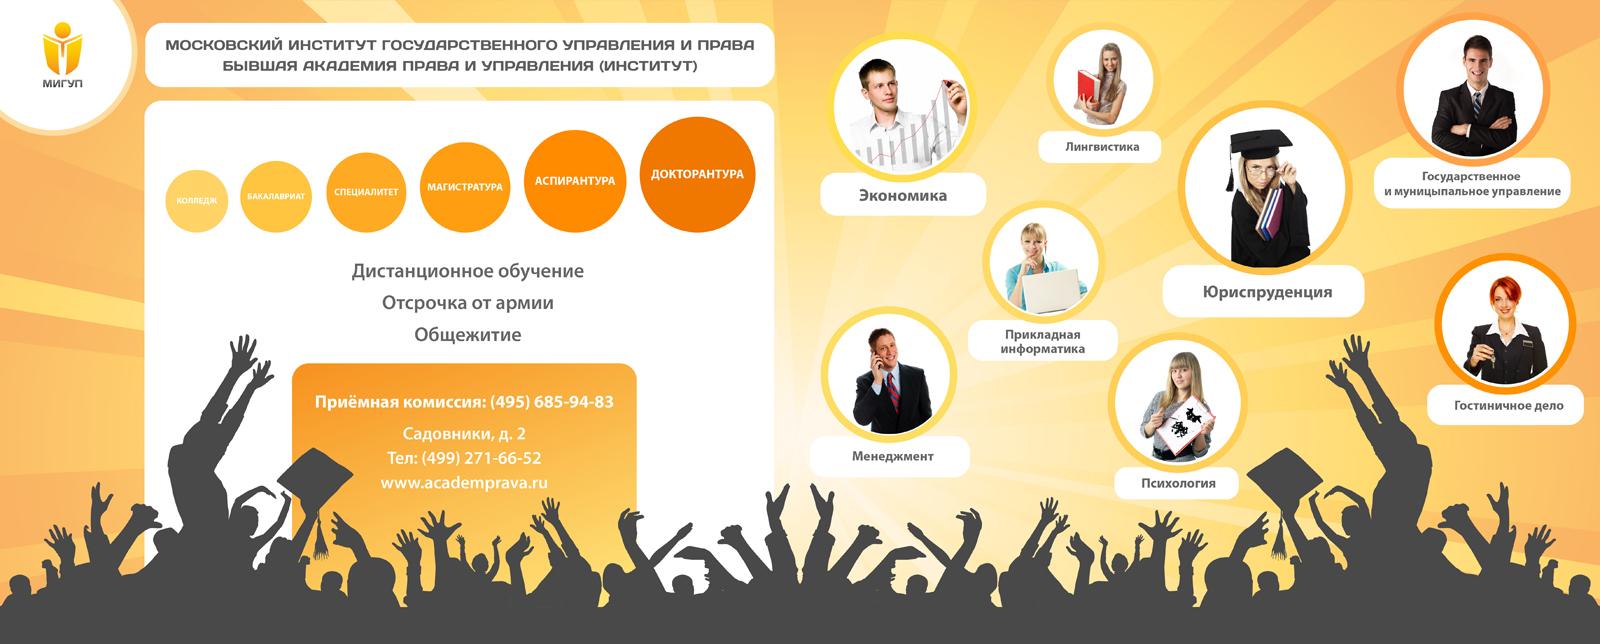 """Баннер для выставки """"Образование и карьера"""""""